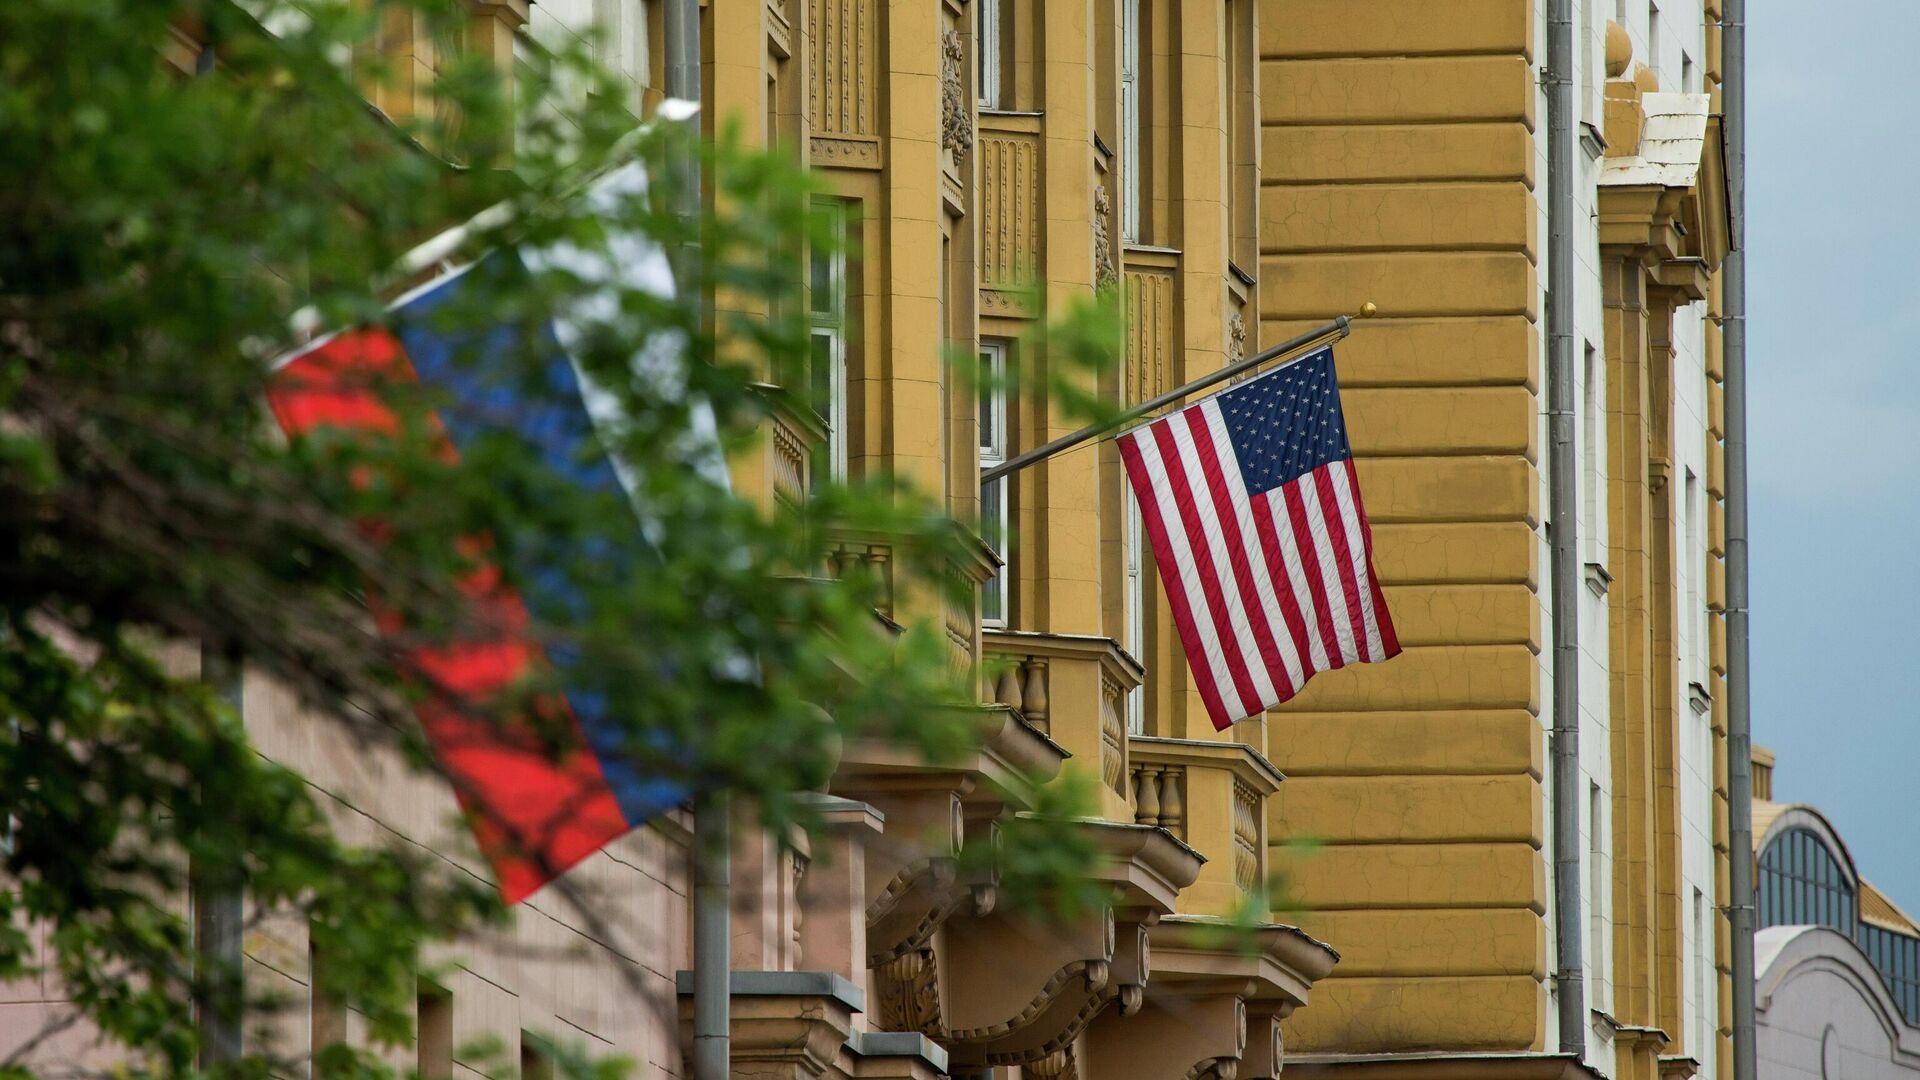 Посольство США в Москве  - РИА Новости, 1920, 12.07.2021